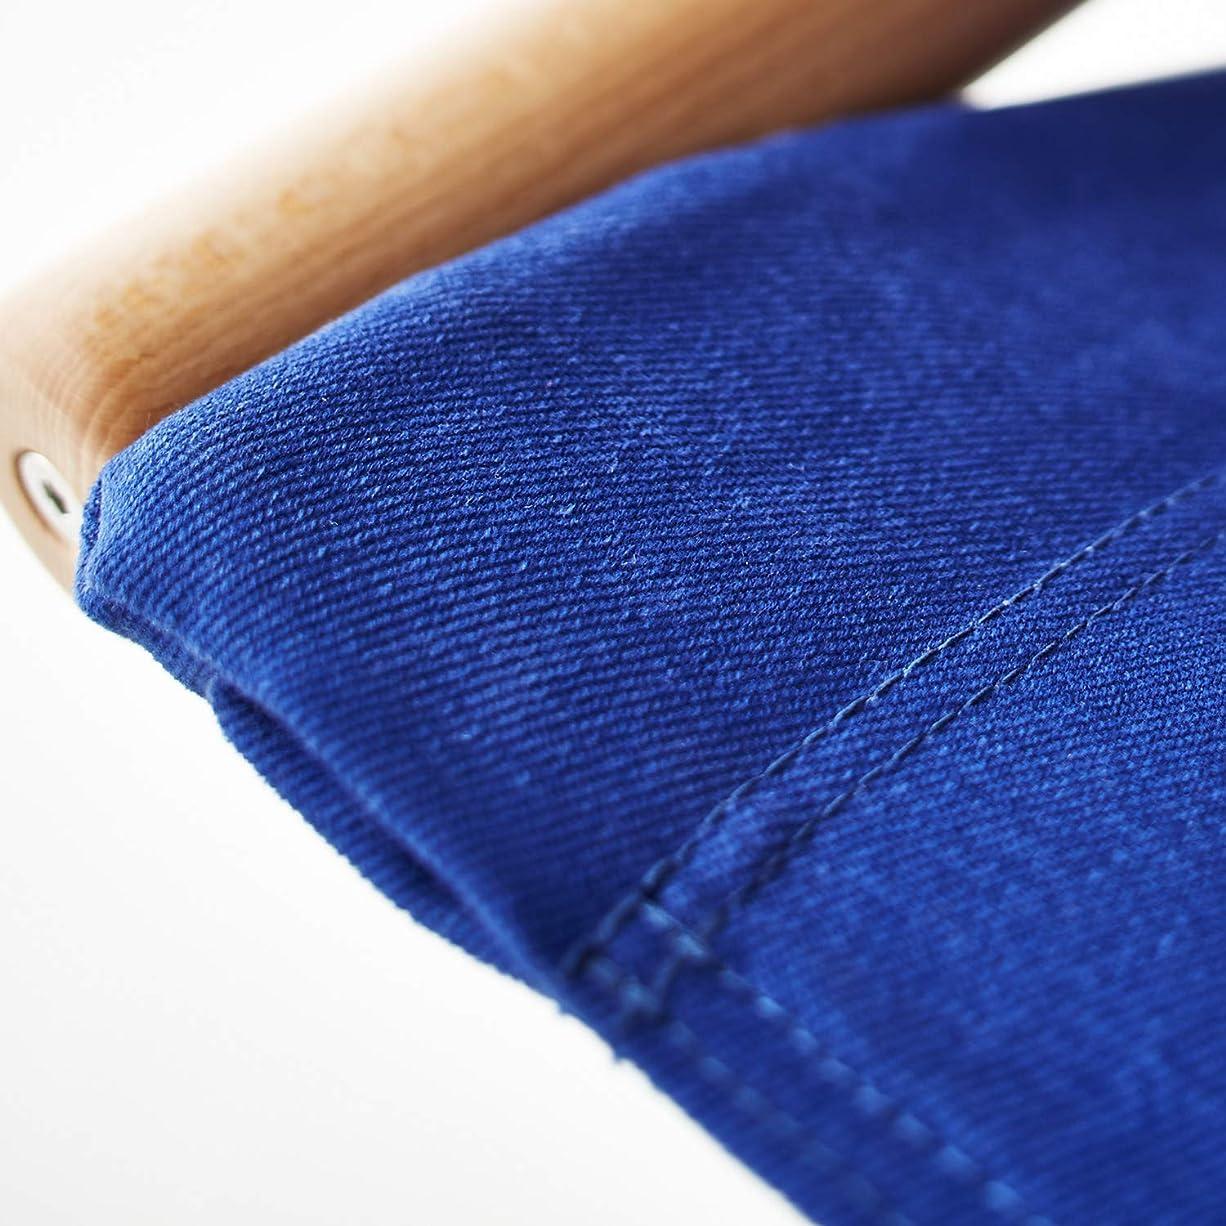 政治のみ荒涼とした藤栄 折りたたみチェア ブルー W51.3×D118 ニーチェアエックス 交換用シート NY-113